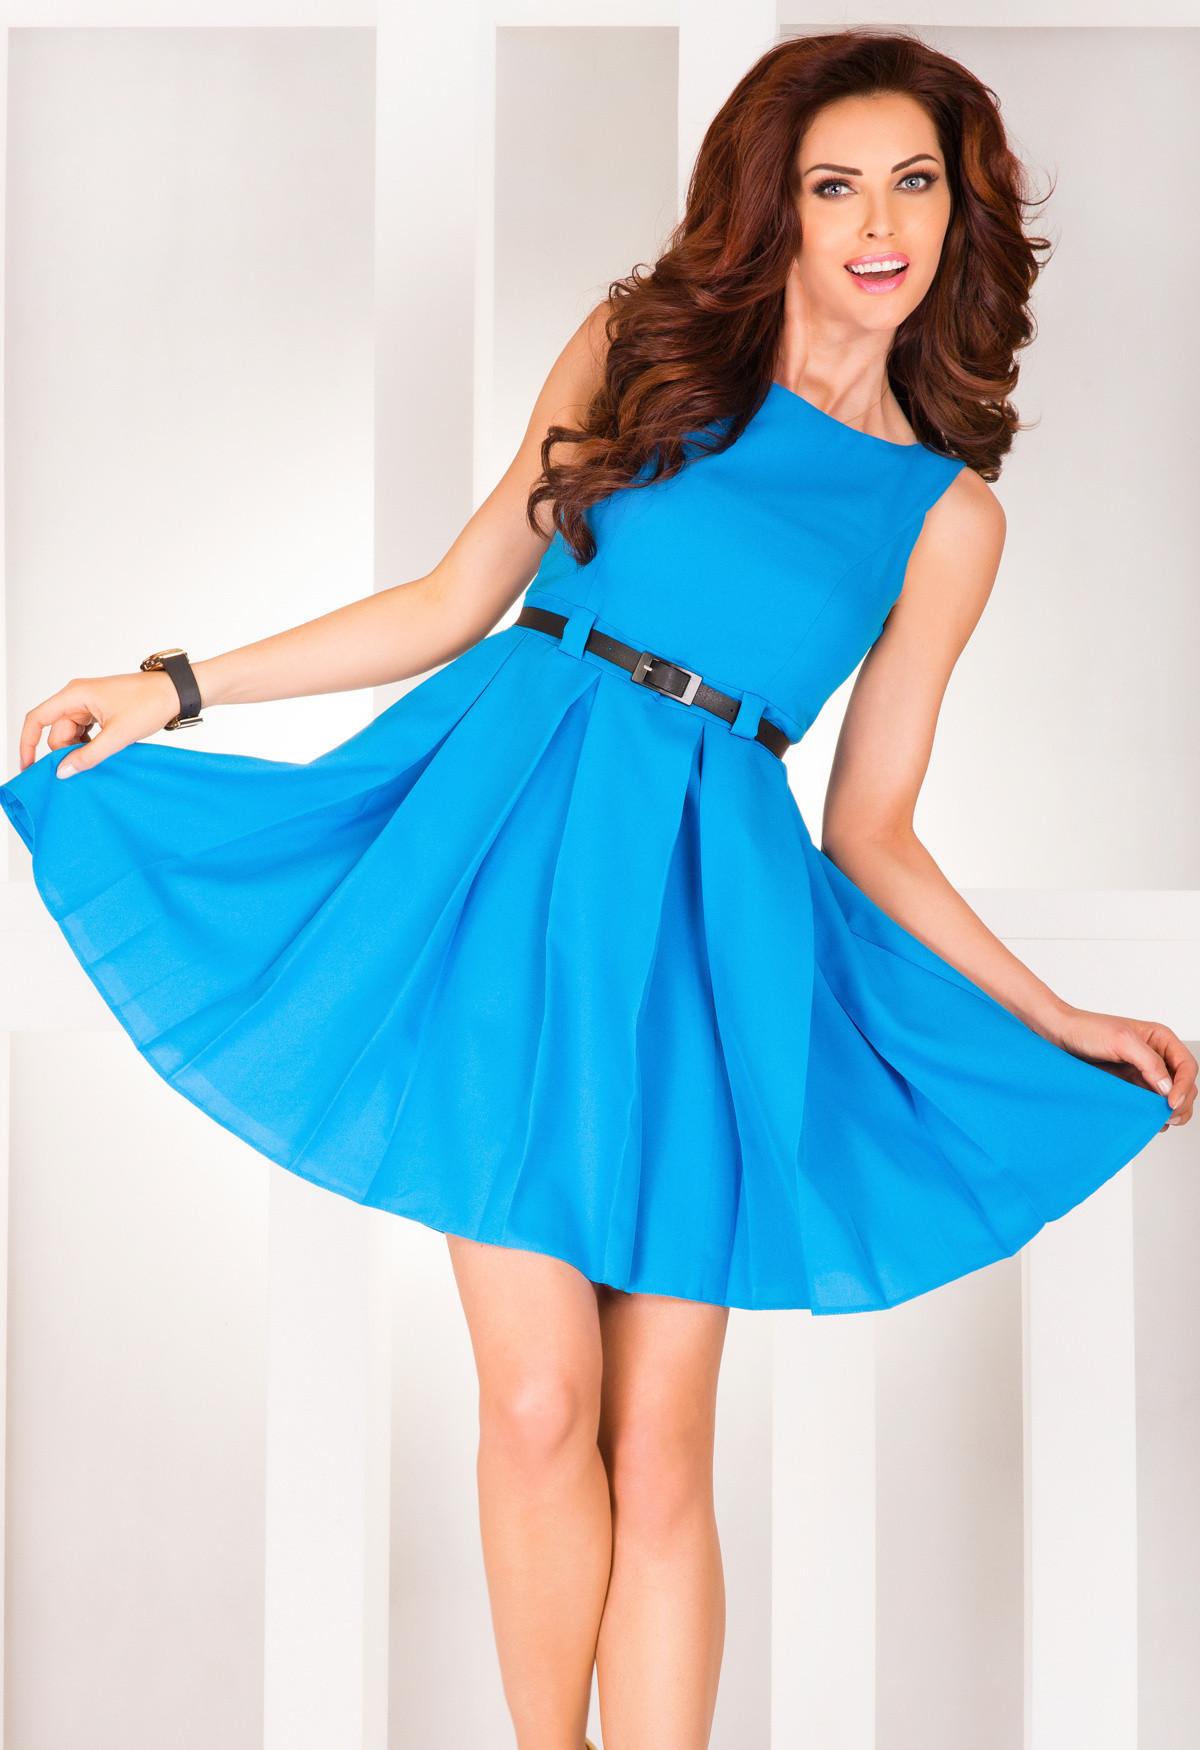 Dámske spoločenské šaty FOLD so skladmi a opaskom stredne dlhé modré - Modrá / S - Numoco modrá S